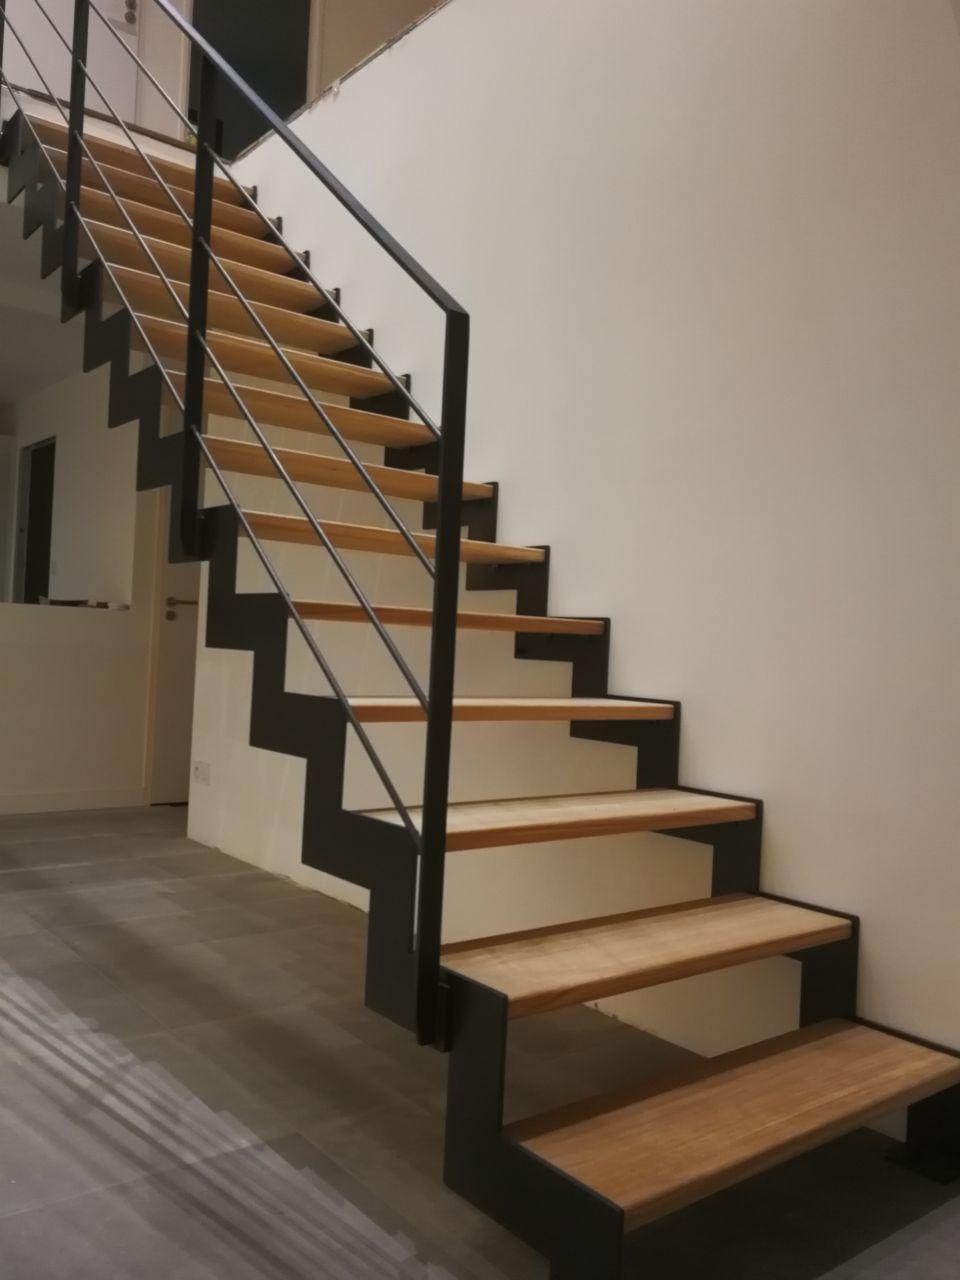 Escalier Gamme THEP de chez SteelMetal (56) (Entreprise de Fabric Métal) - Droit et hauteur de marche à 19,5cm // + Passerelle